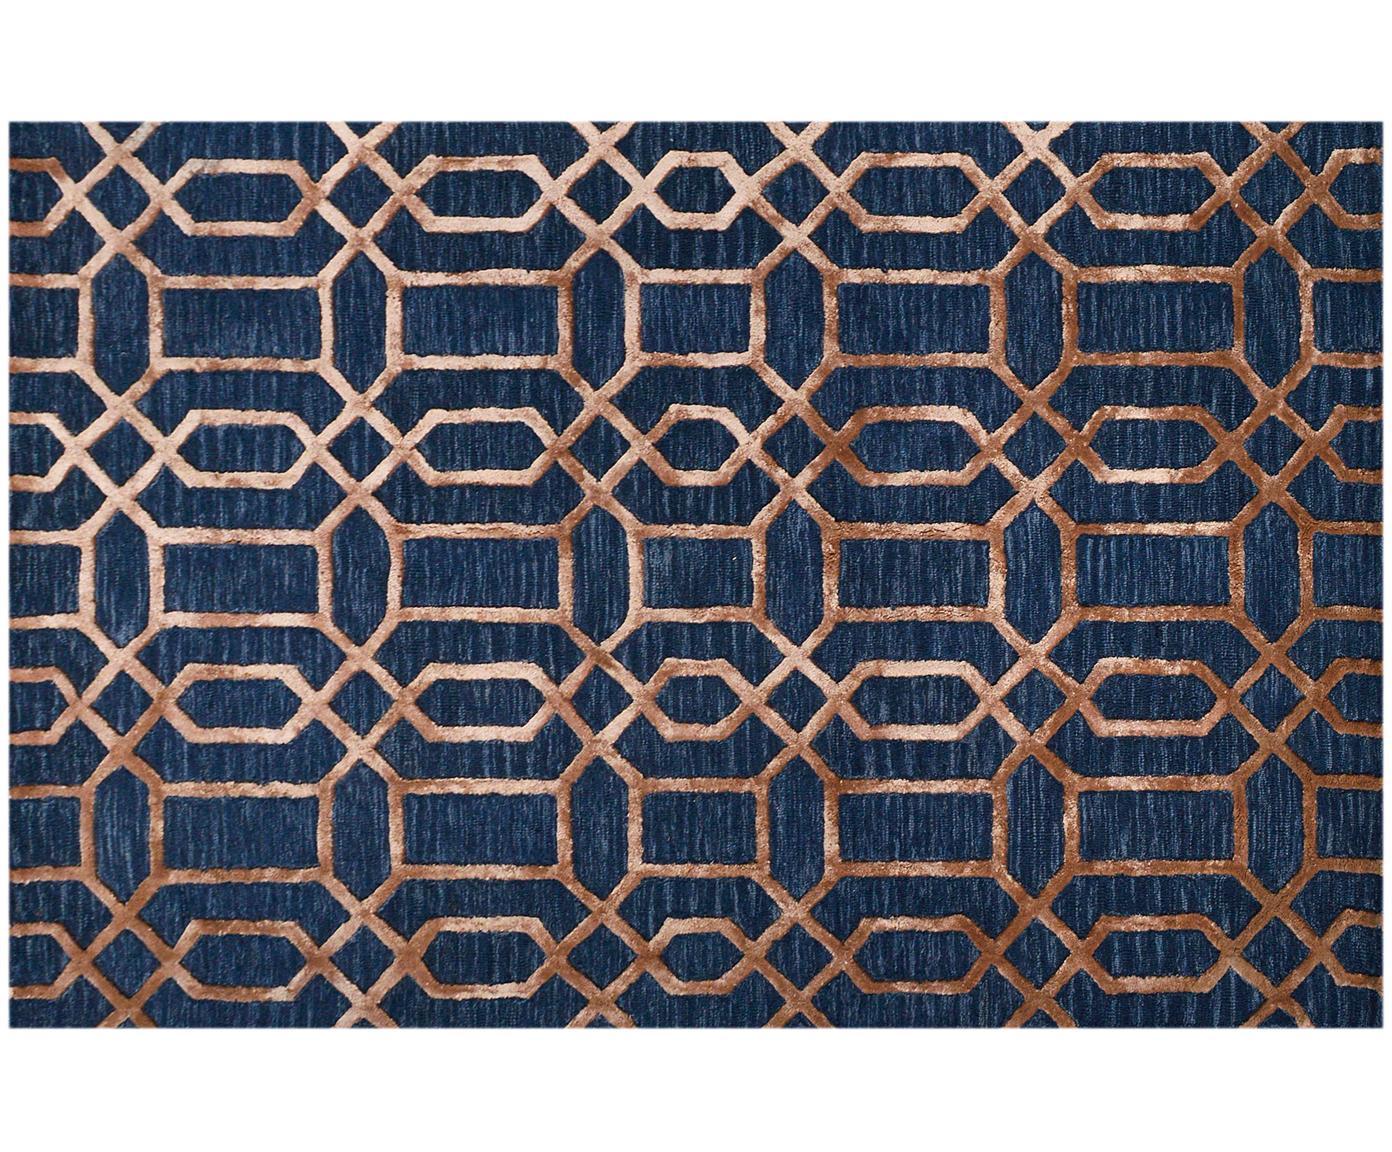 Tappeto in lana taftato a mano Vegas, Vello: 80% lana, 20% viscosa, Retro: cotone, Blu scuro, marrone, Larg. 120 x Lung. 185 cm  (taglia s)